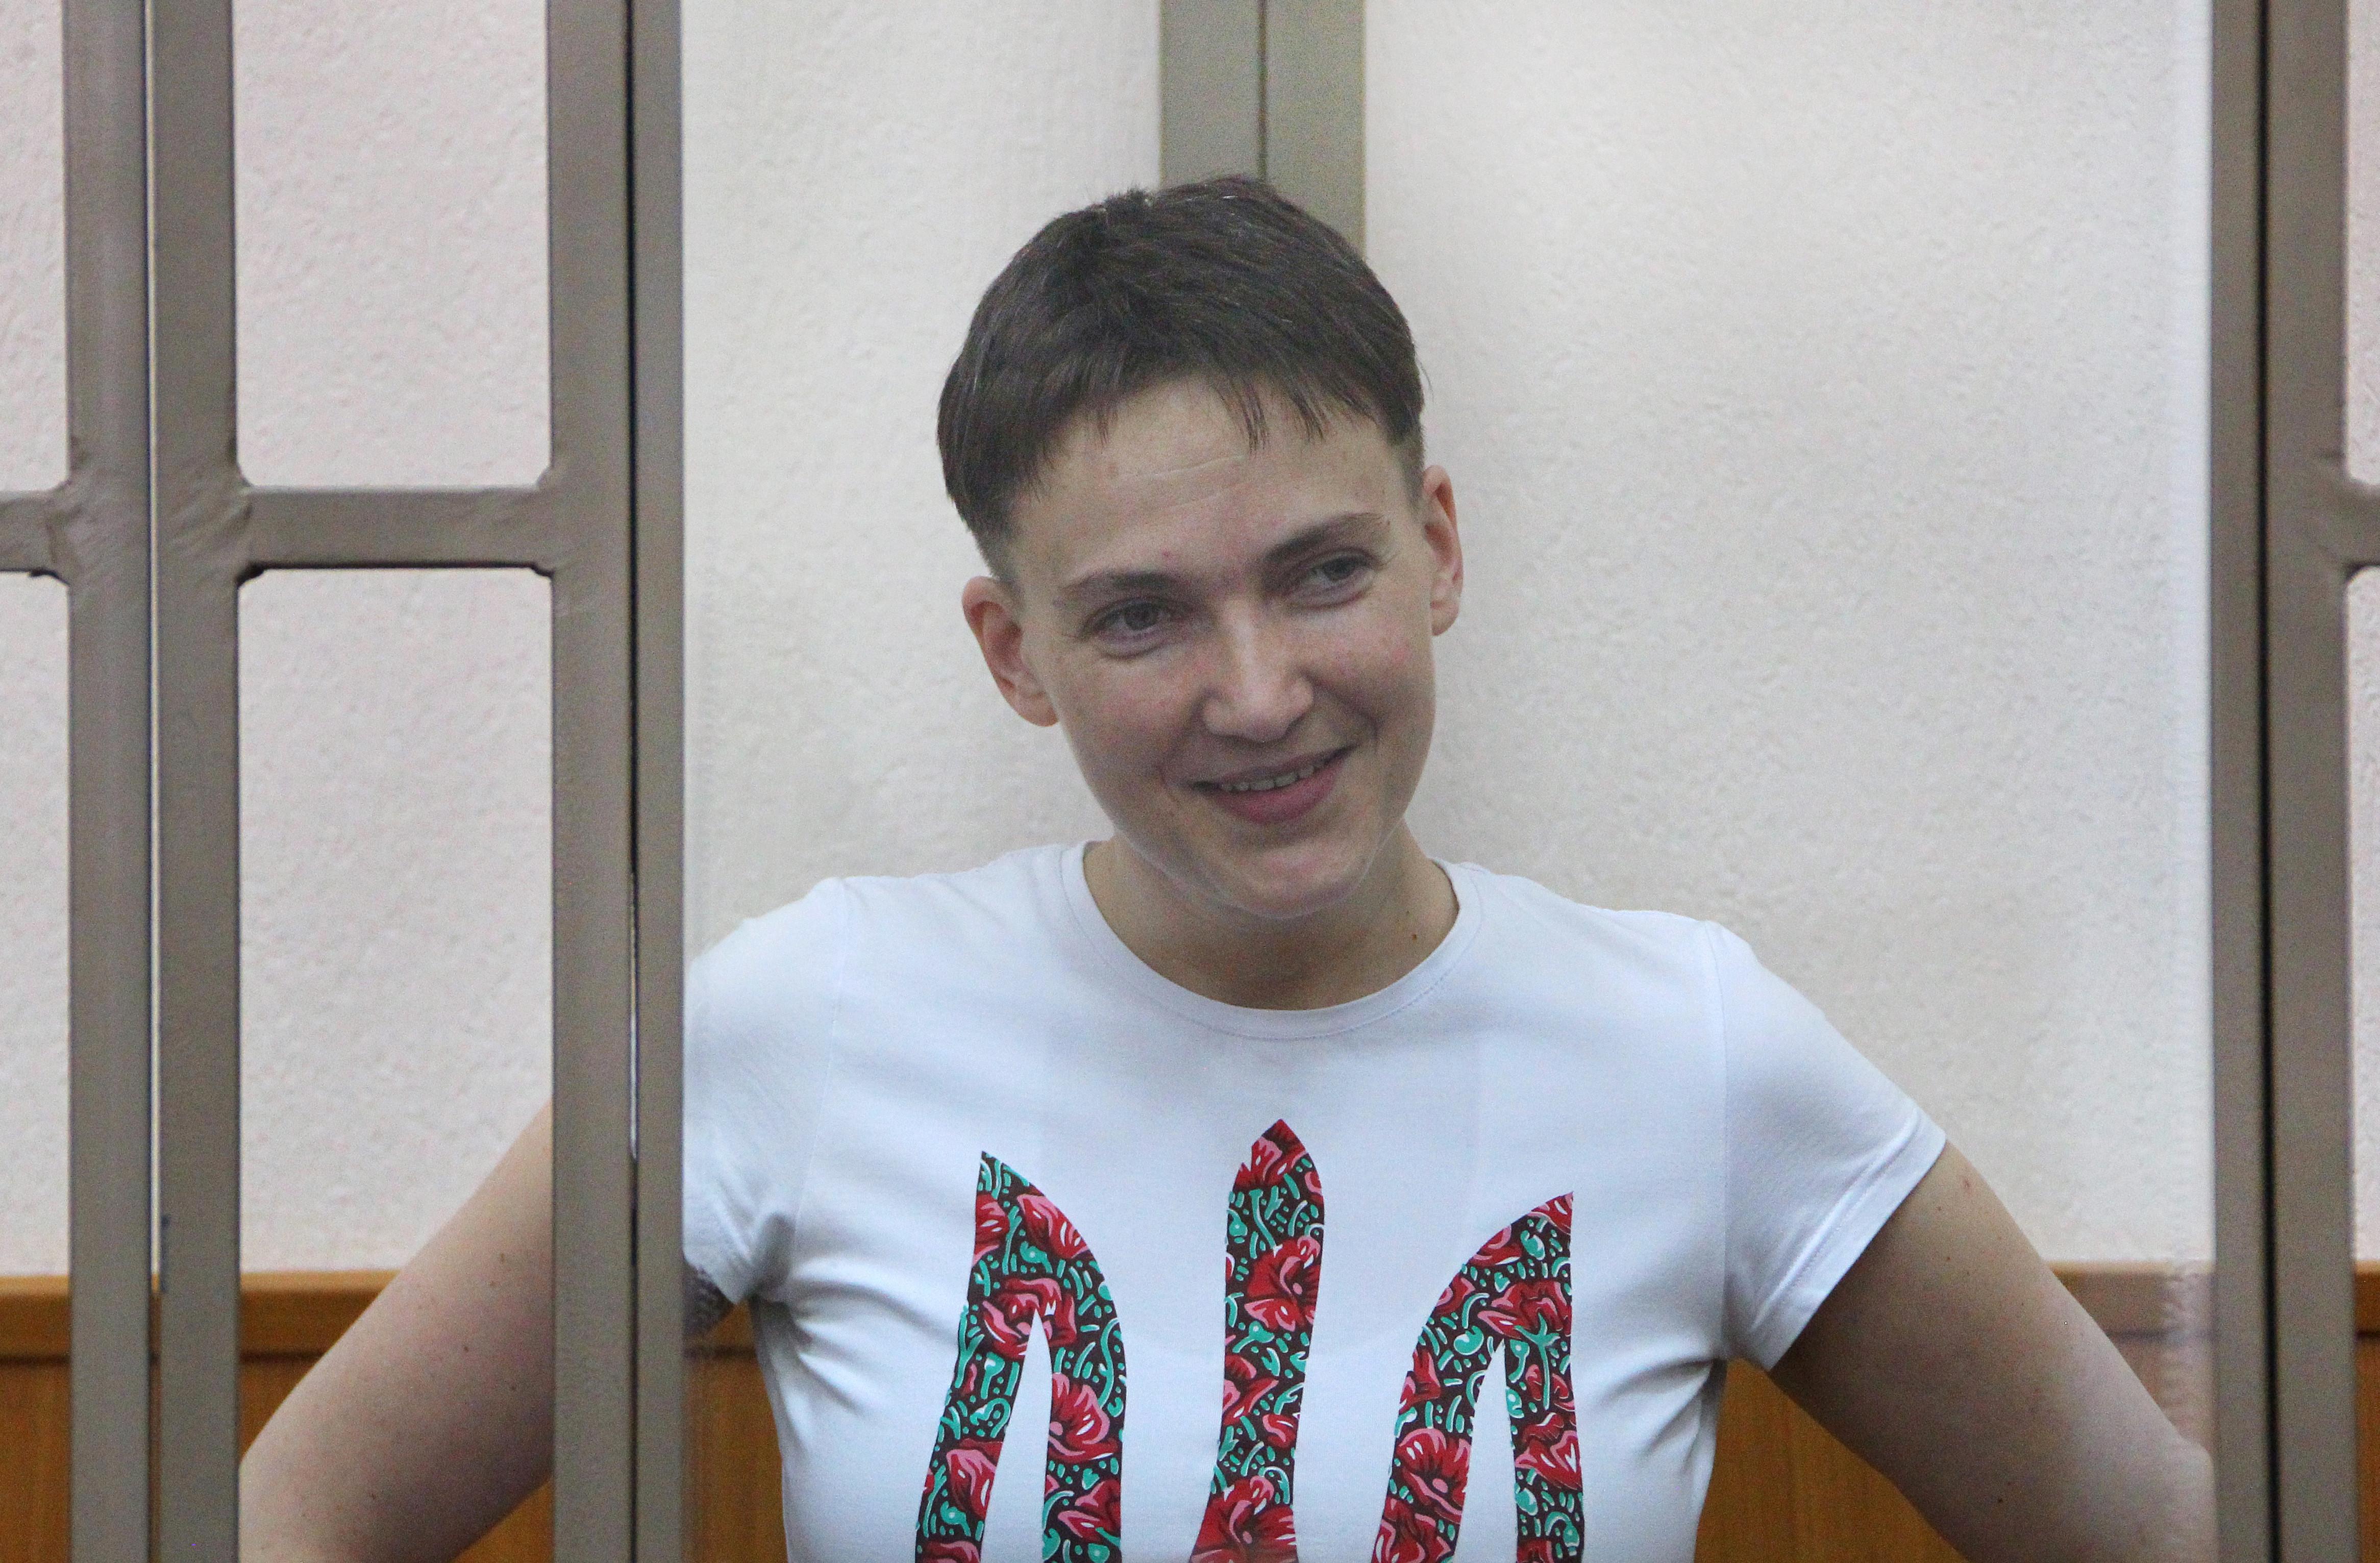 Надежда Савченко в феврале 2016 года. Фото: © РИА Новости / Федор Ларин